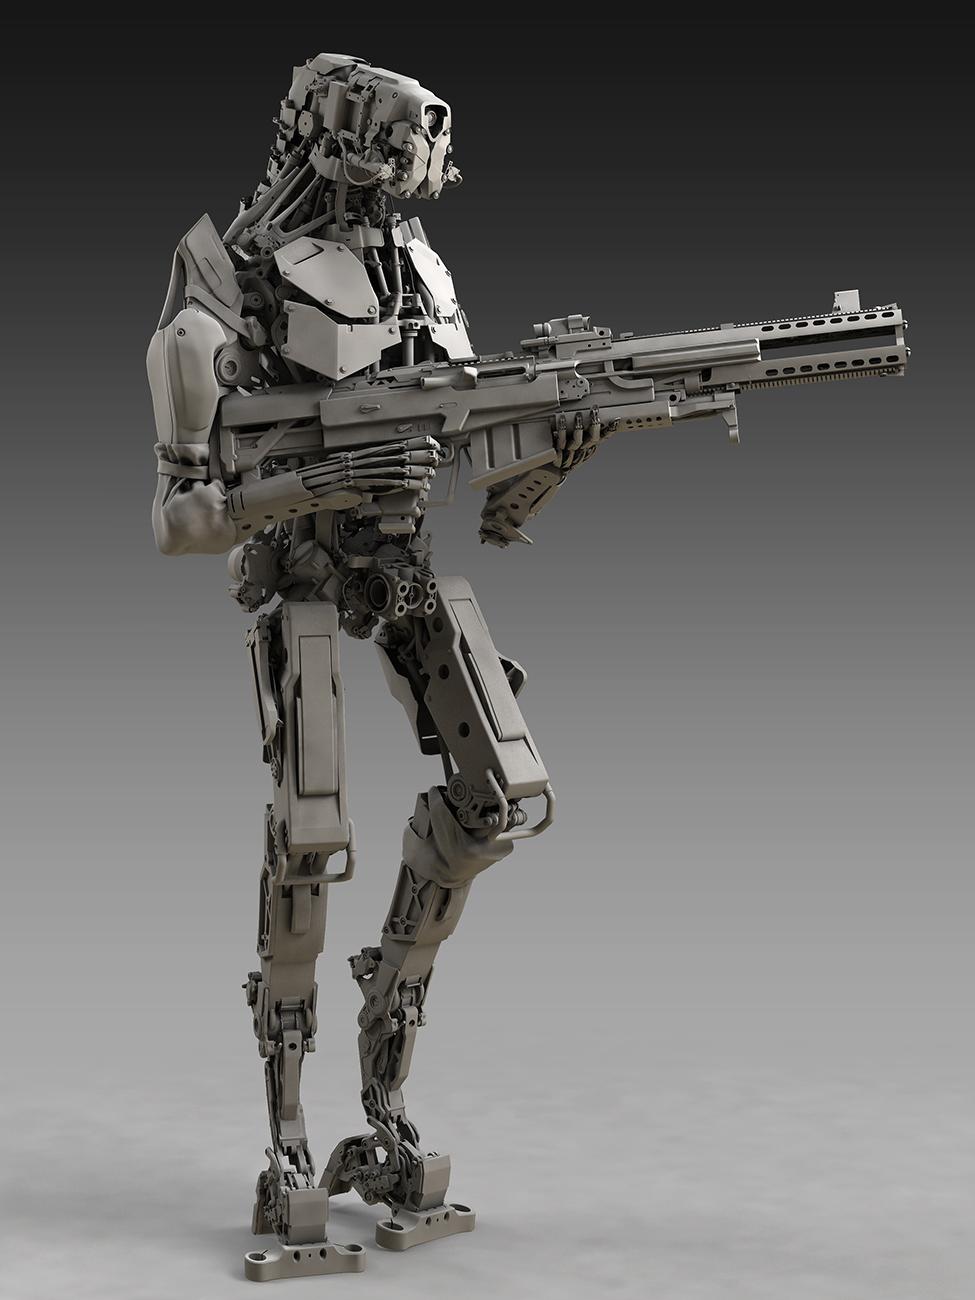 InfantryMech_HiRes_04_Grey.jpg